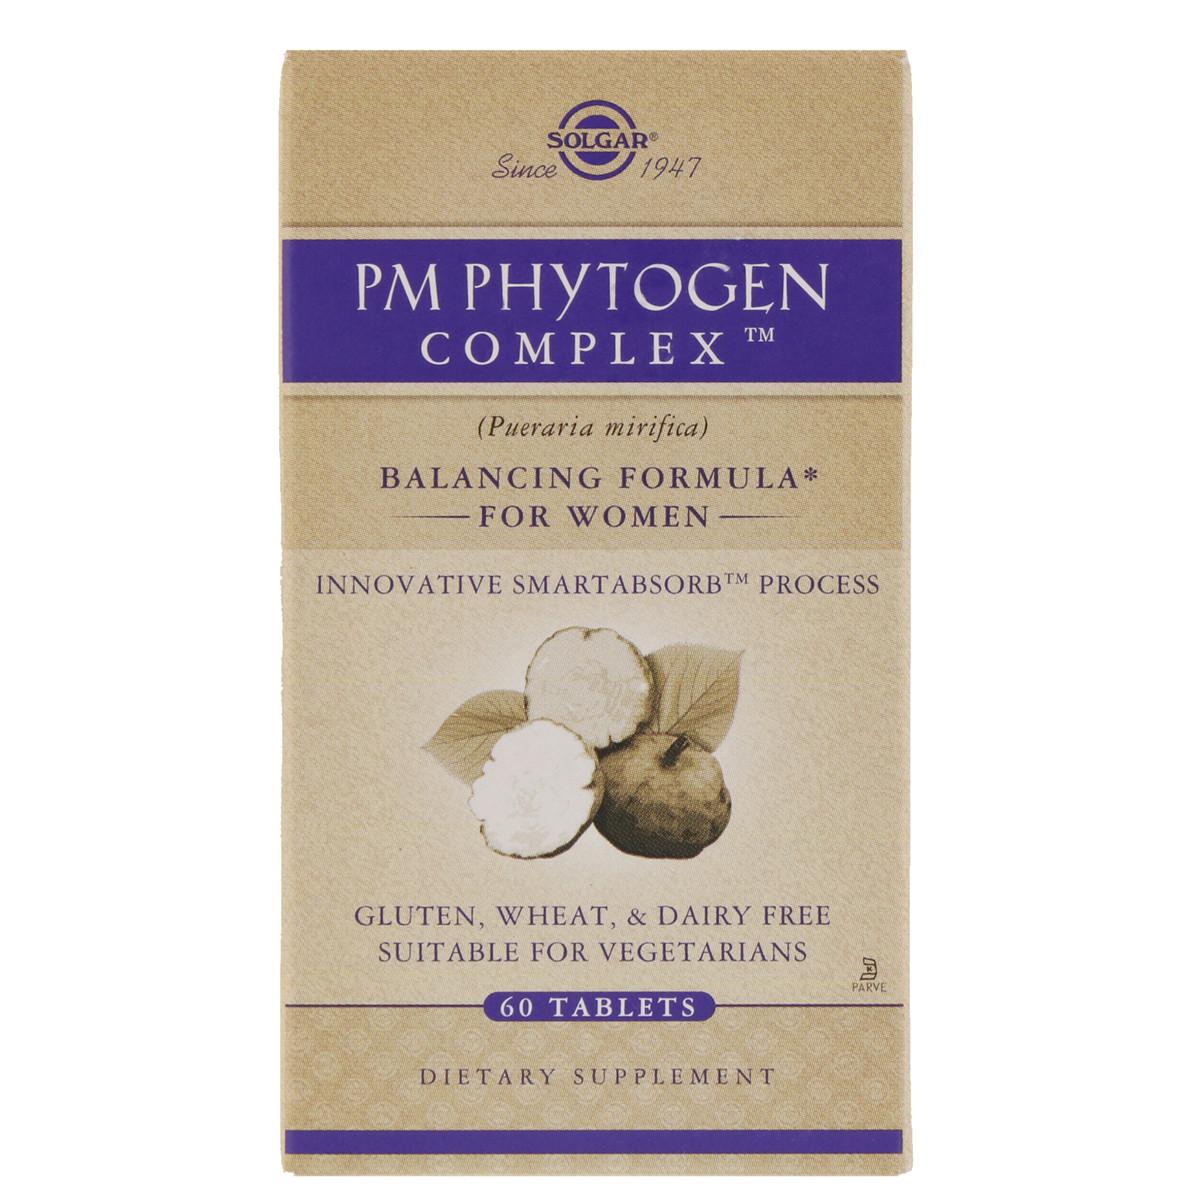 Менопауза Комплекс для Женщин, PM Phytogen Complex, Solgar, 60 таблеток